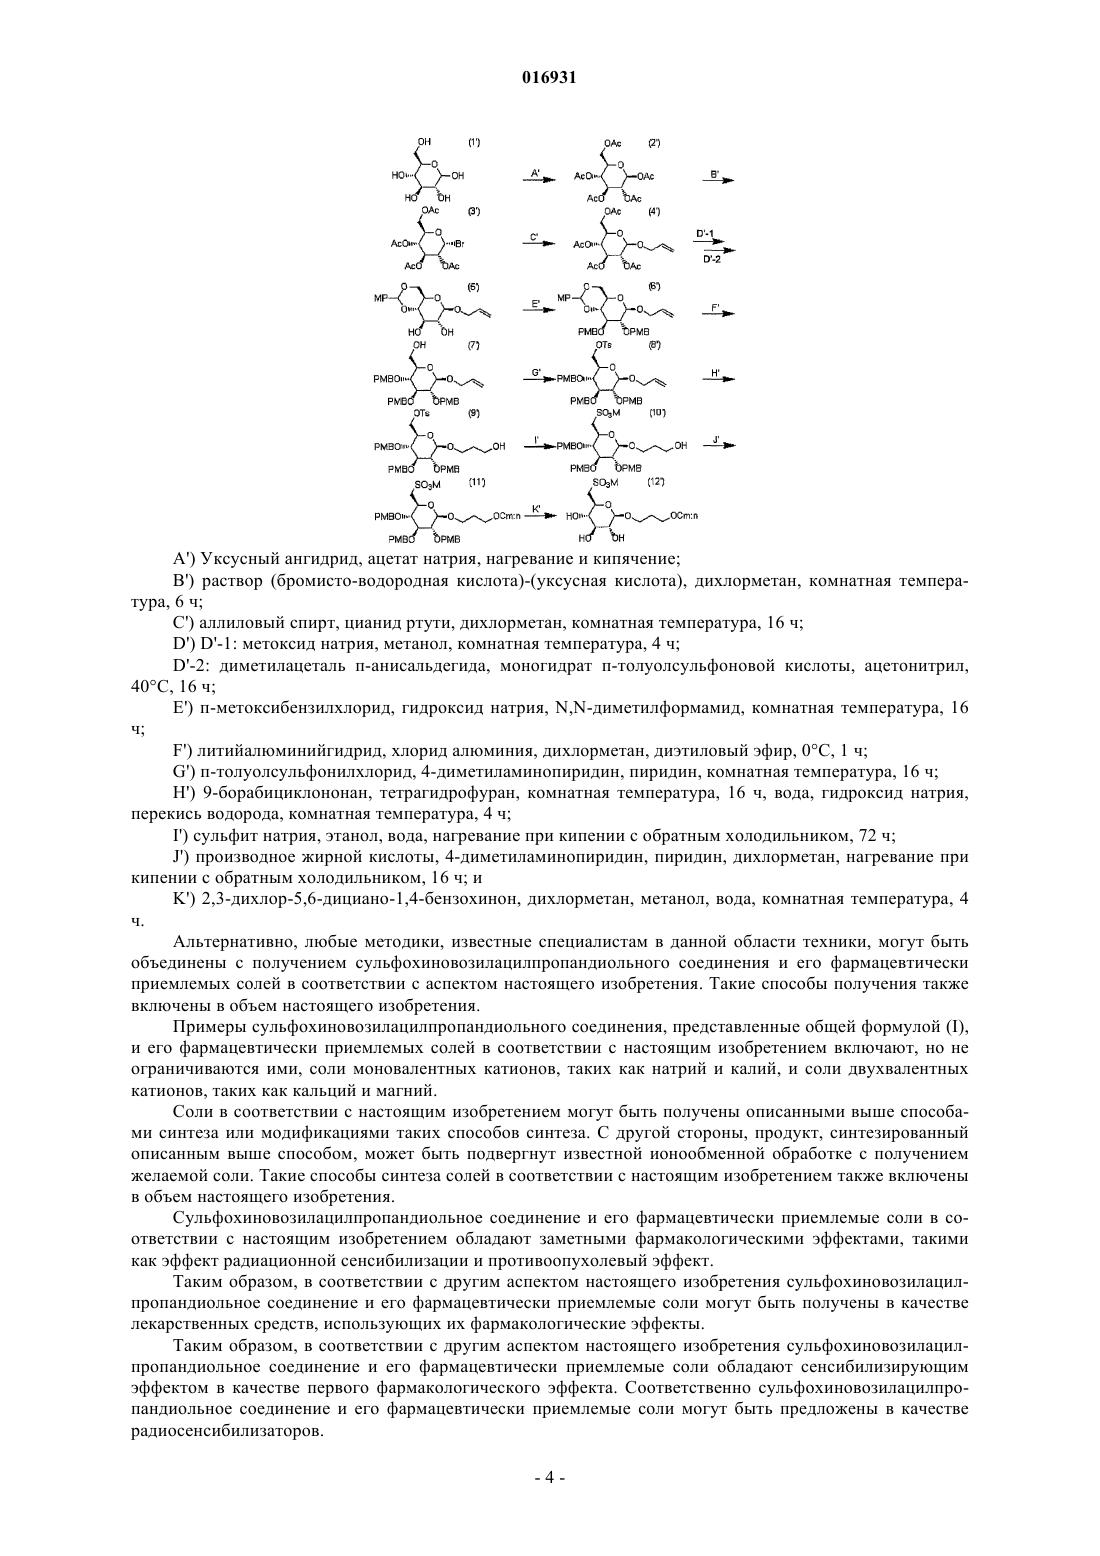 Радиосенсибилизатор